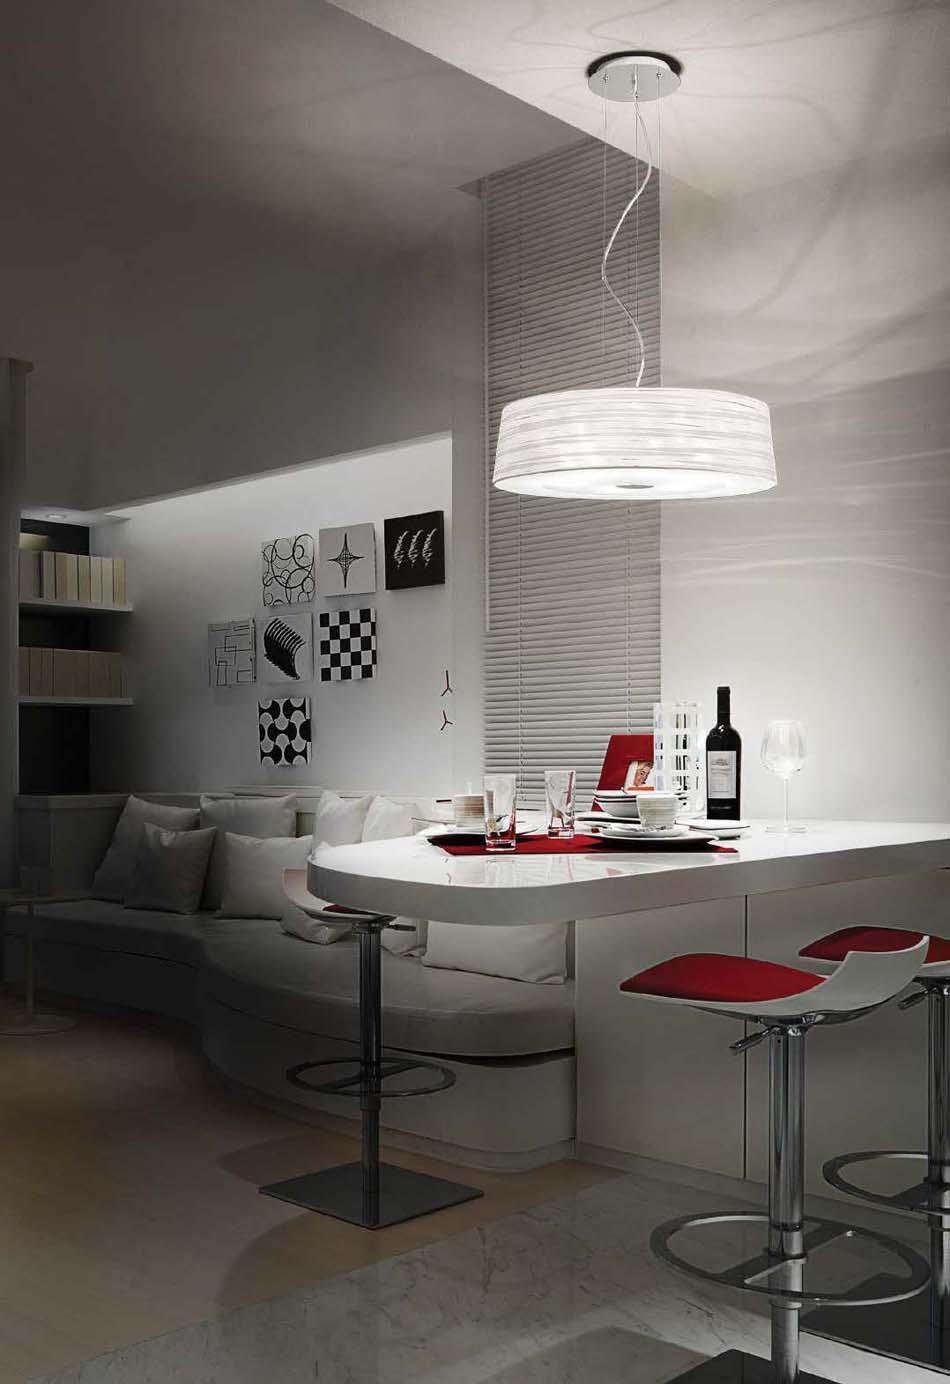 Lampade 39 sospese Ideal Lux Isa – Toscana Arredamenti